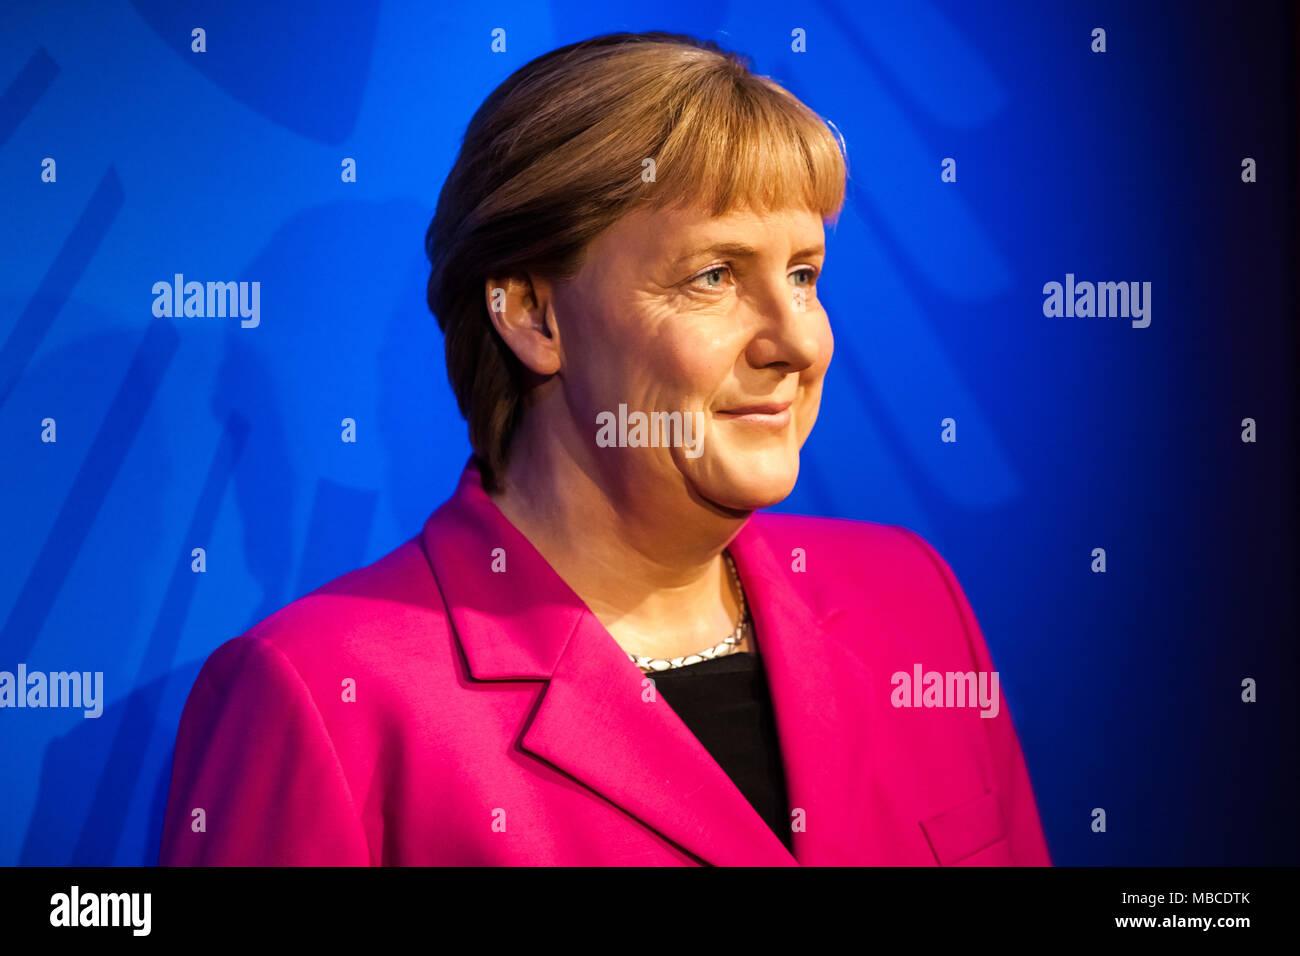 Museo Delle Cere Amsterdam.Cera Figura Di Angela Merkel Nel Museo Delle Cere Di Madame Tussauds